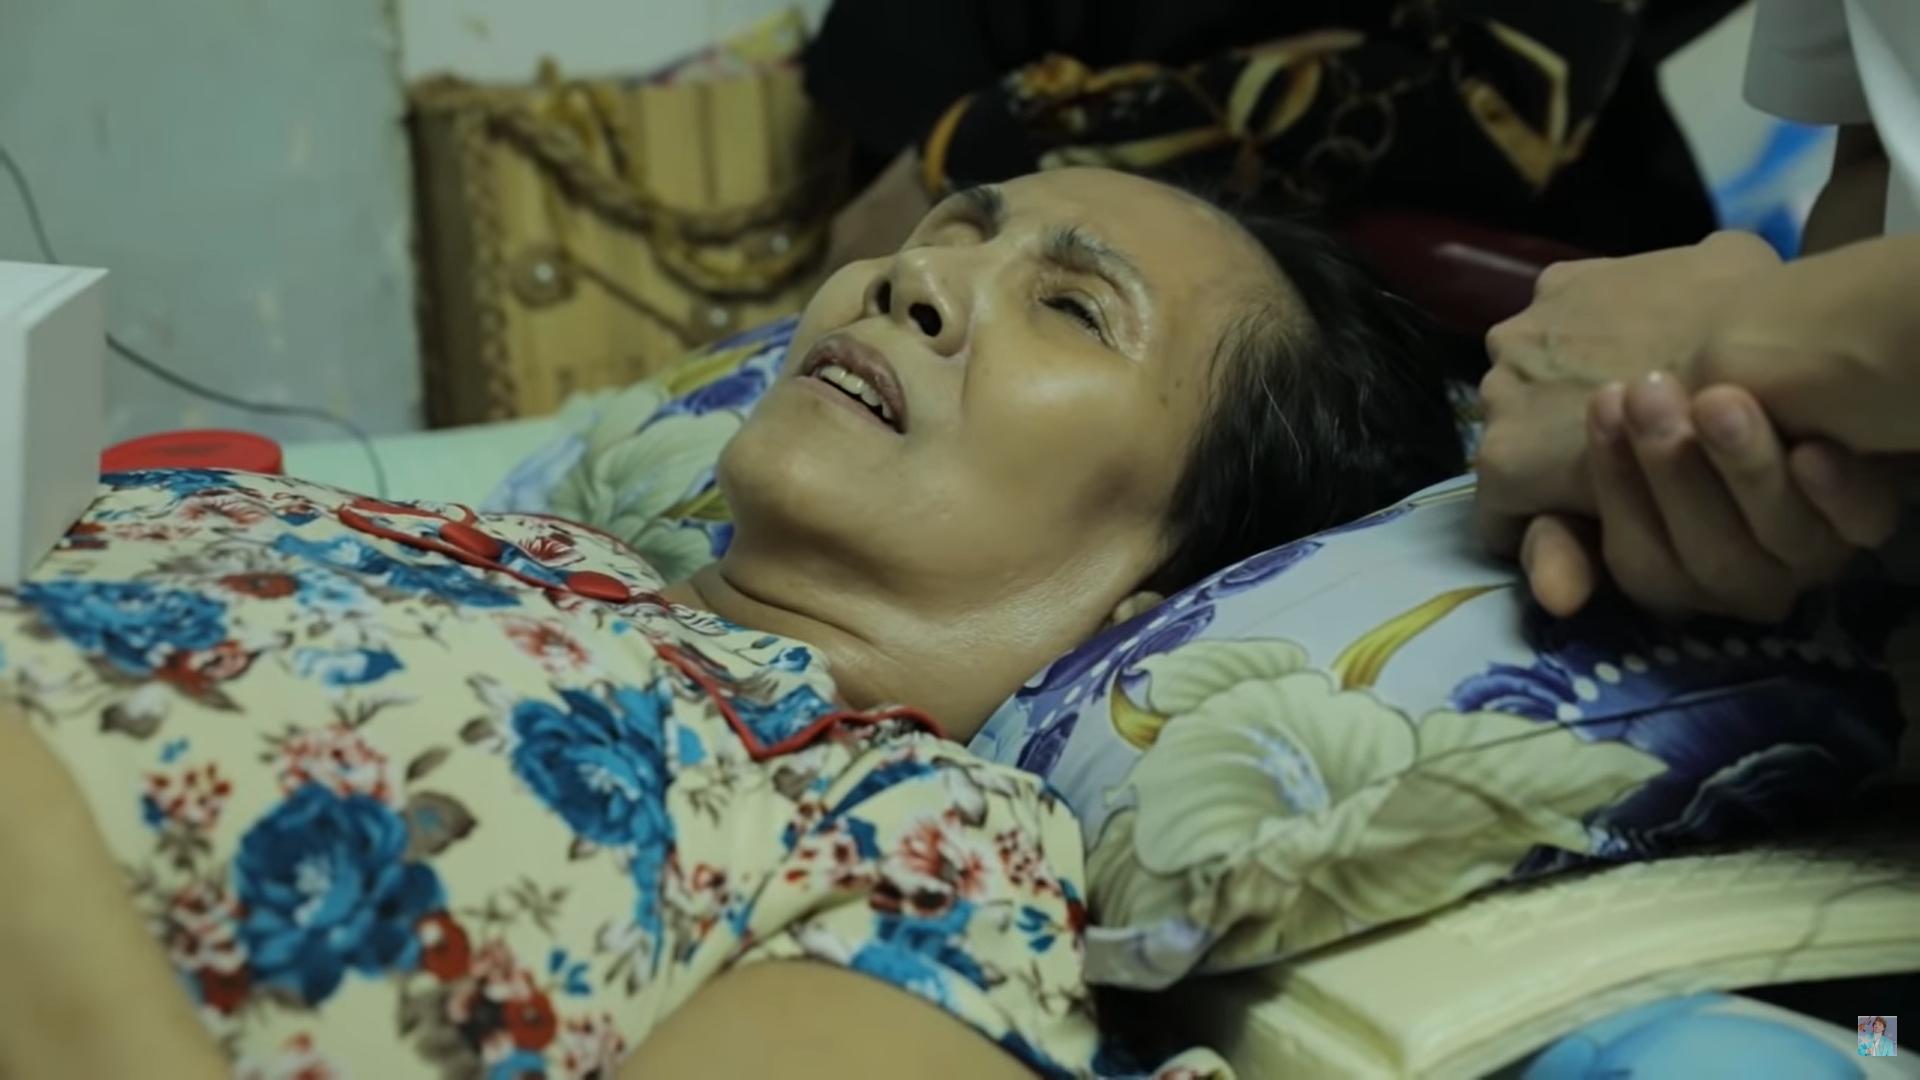 Nghệ sĩ Hoàng Lan liệt giường, sắp bị đuổi khỏi nhà, Đàm Vĩnh Hưng tới tặng tiền - Ảnh 1.